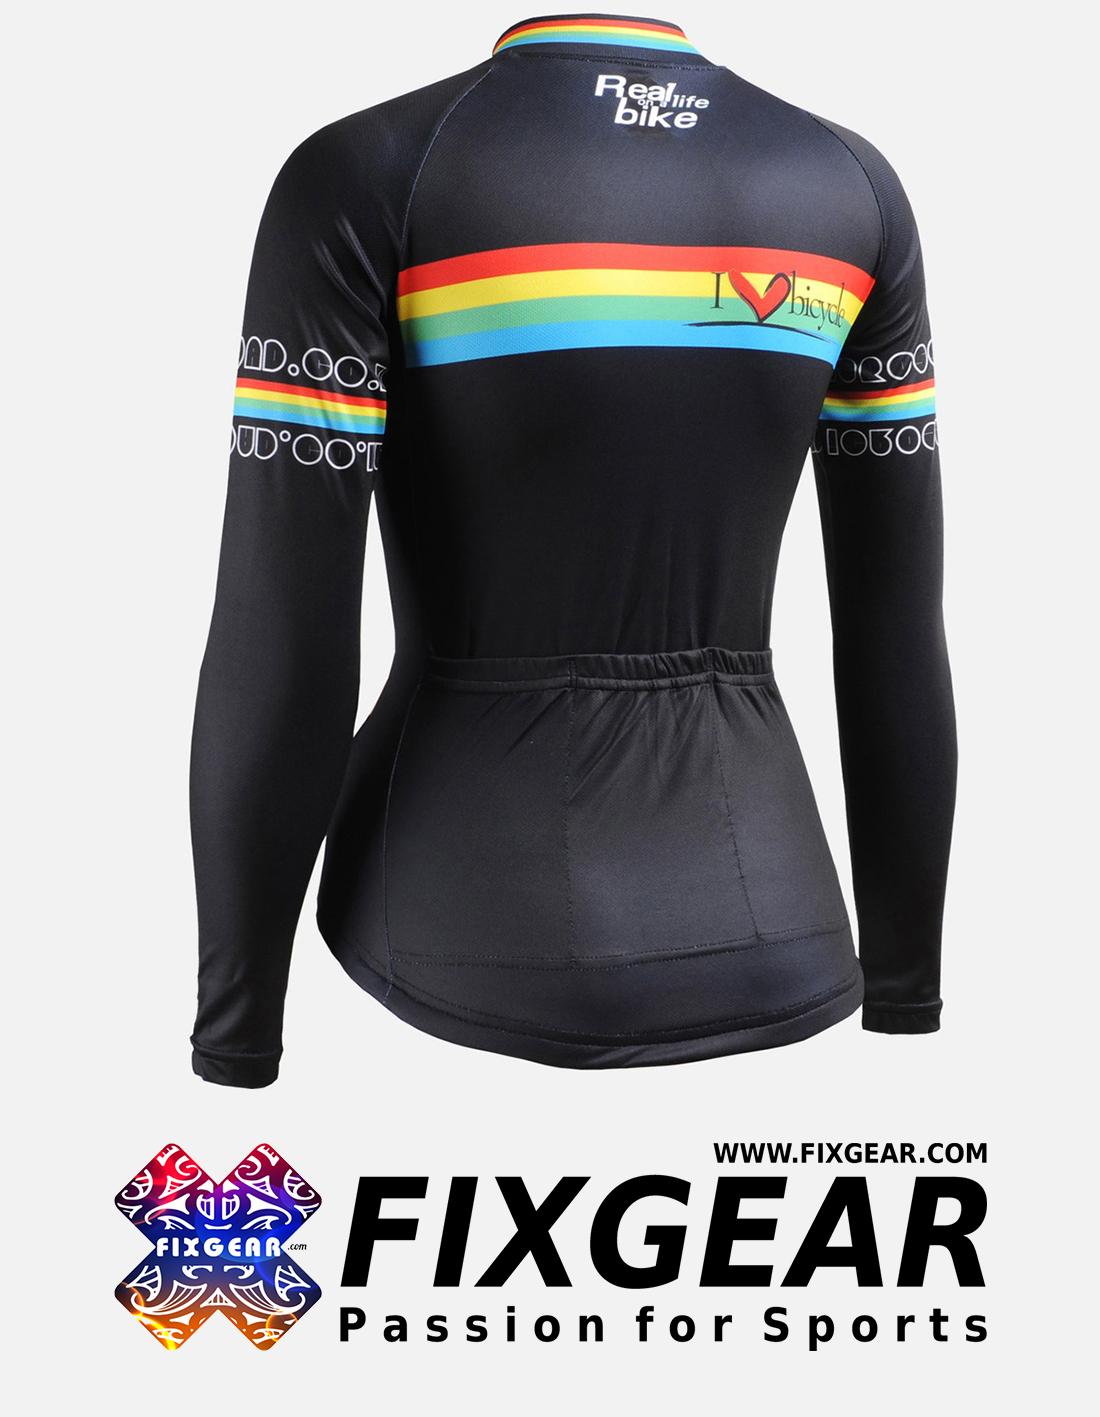 FIXGEAR CS-W201 Women's Long Sleeve Jersey